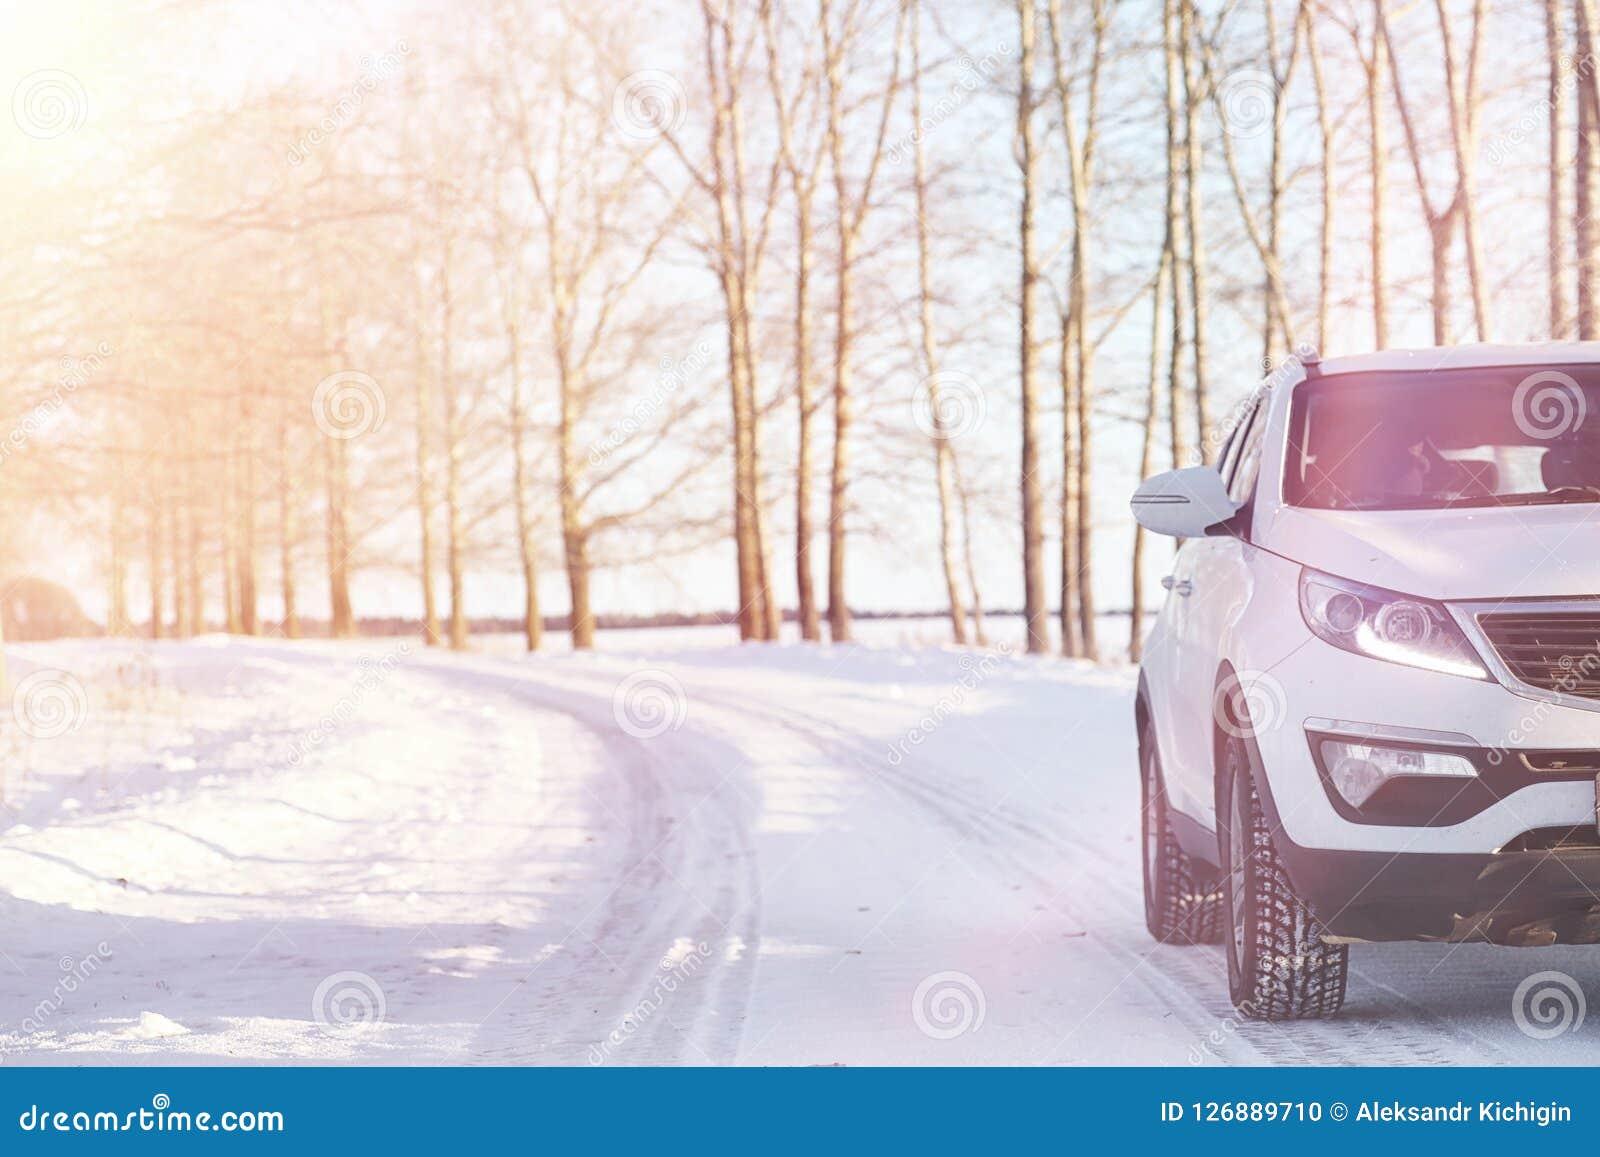 Vinterväg och en bil